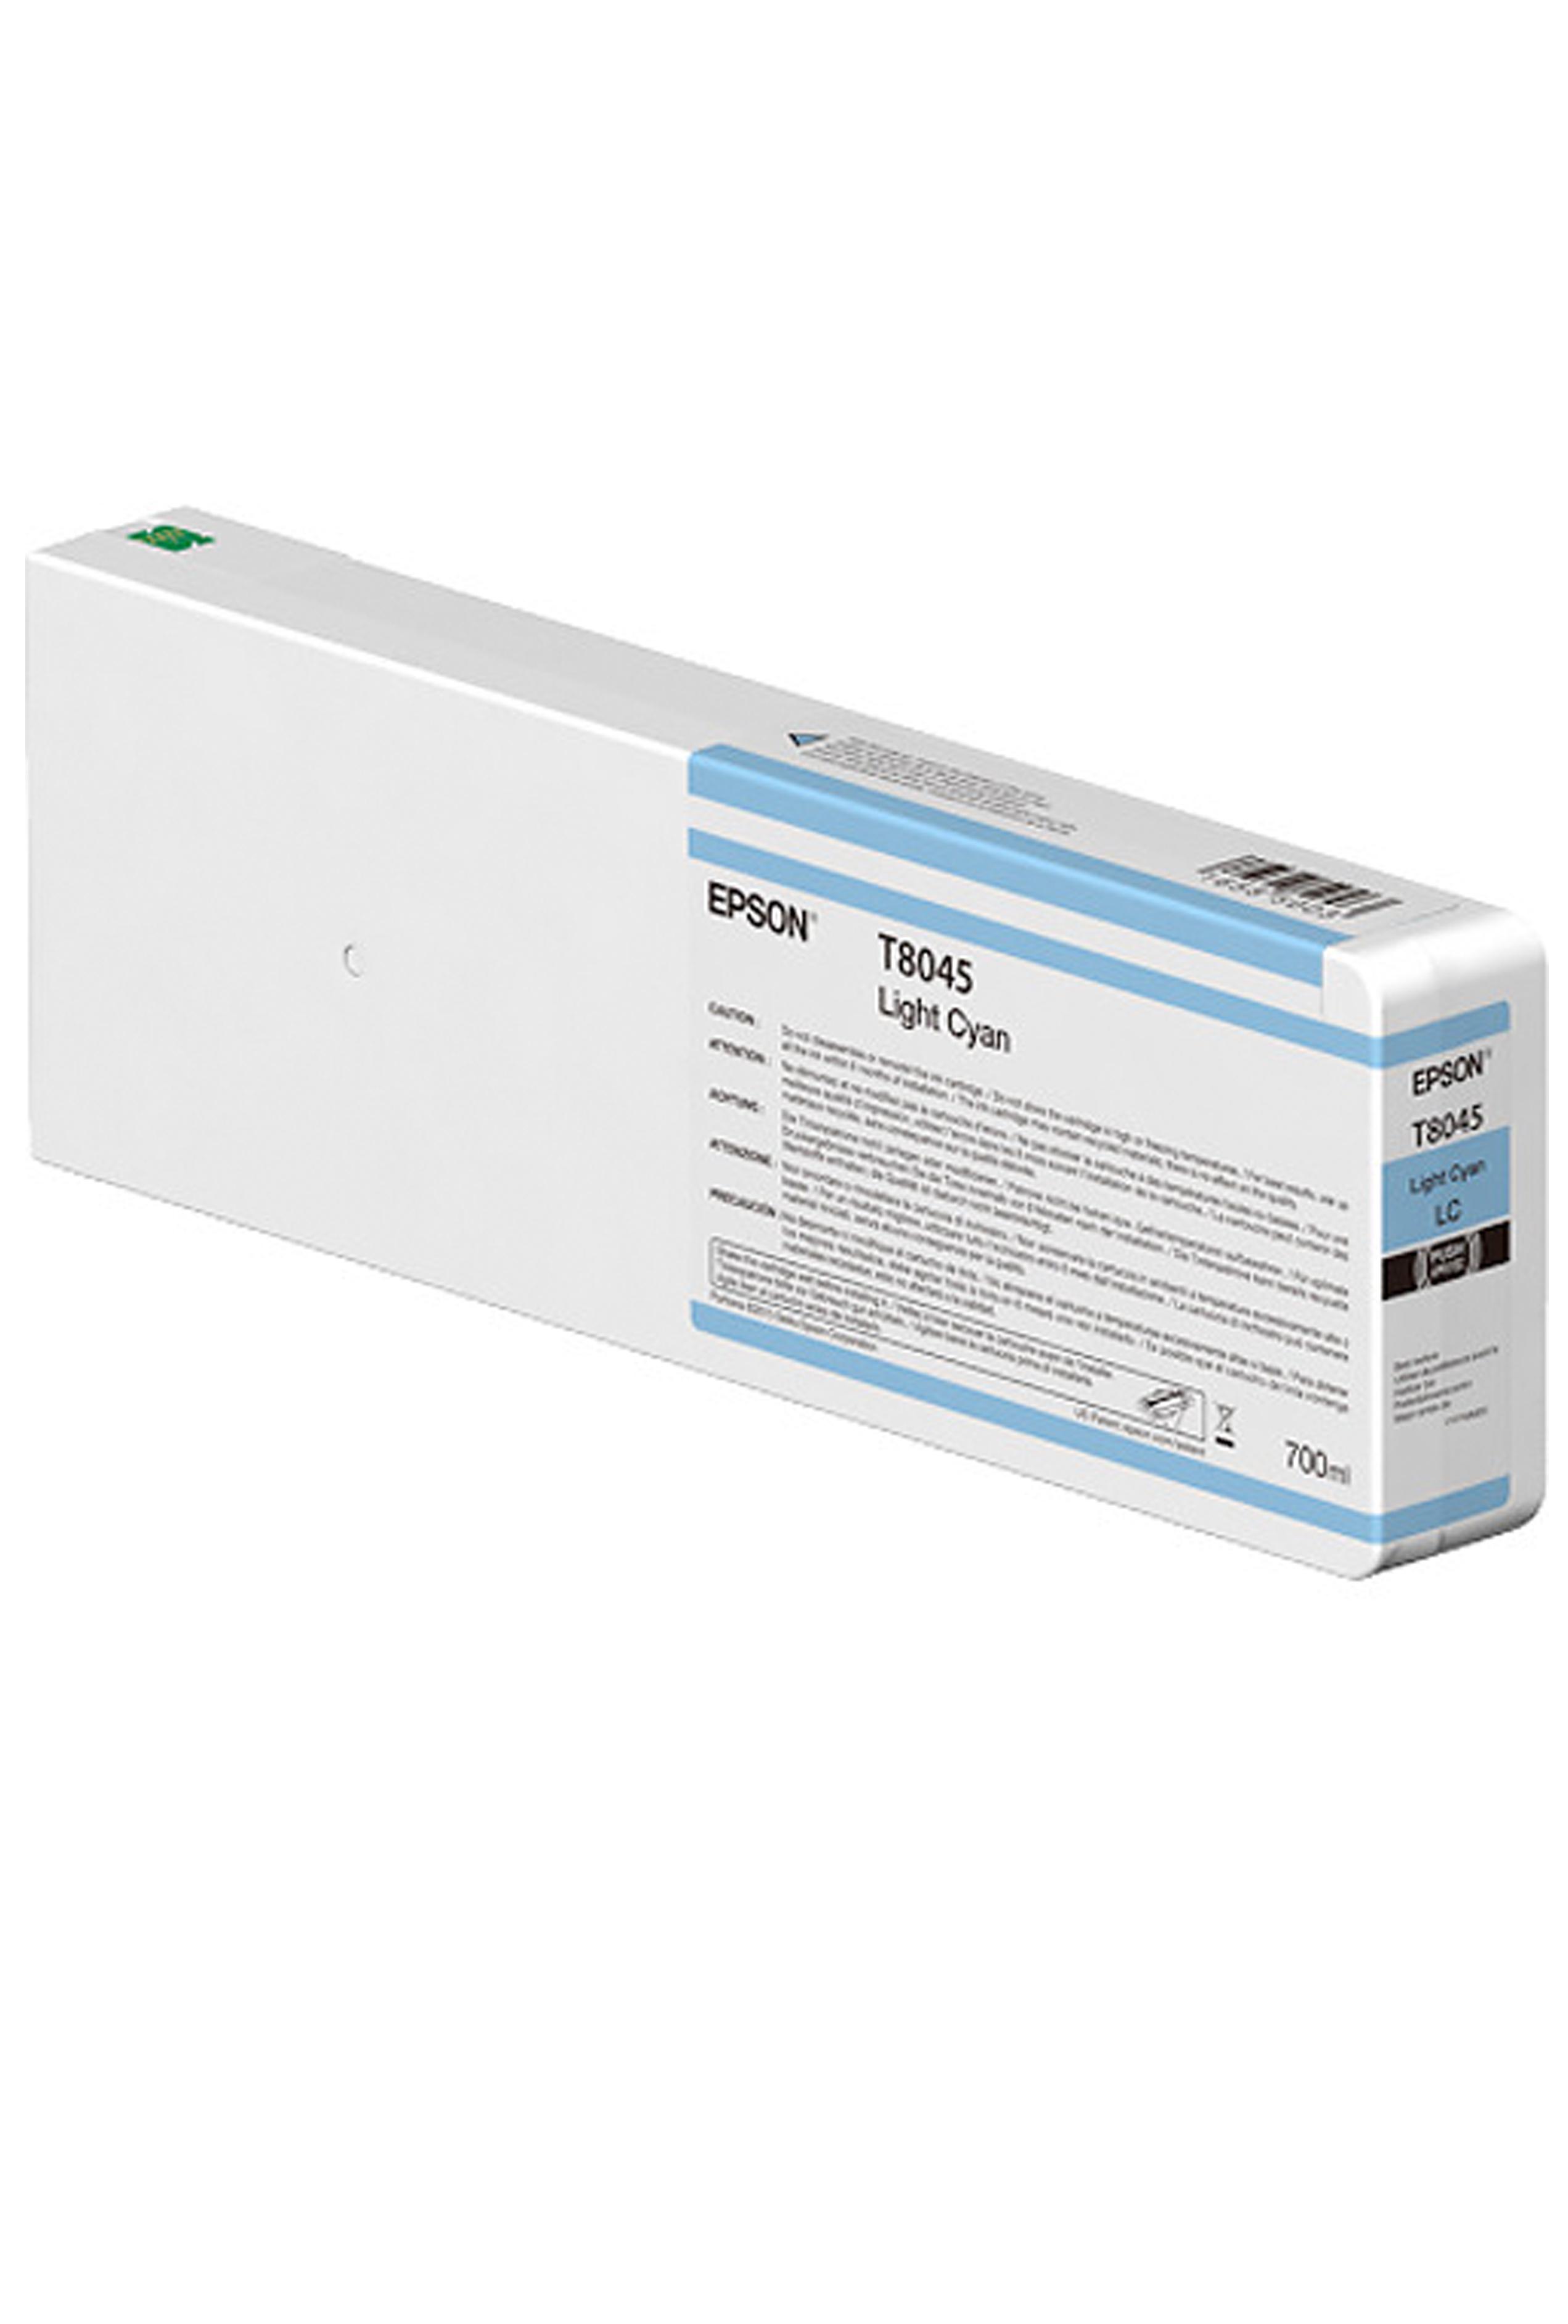 Epson EPSON XH LT CYAN INK (700 ML) (T804500)